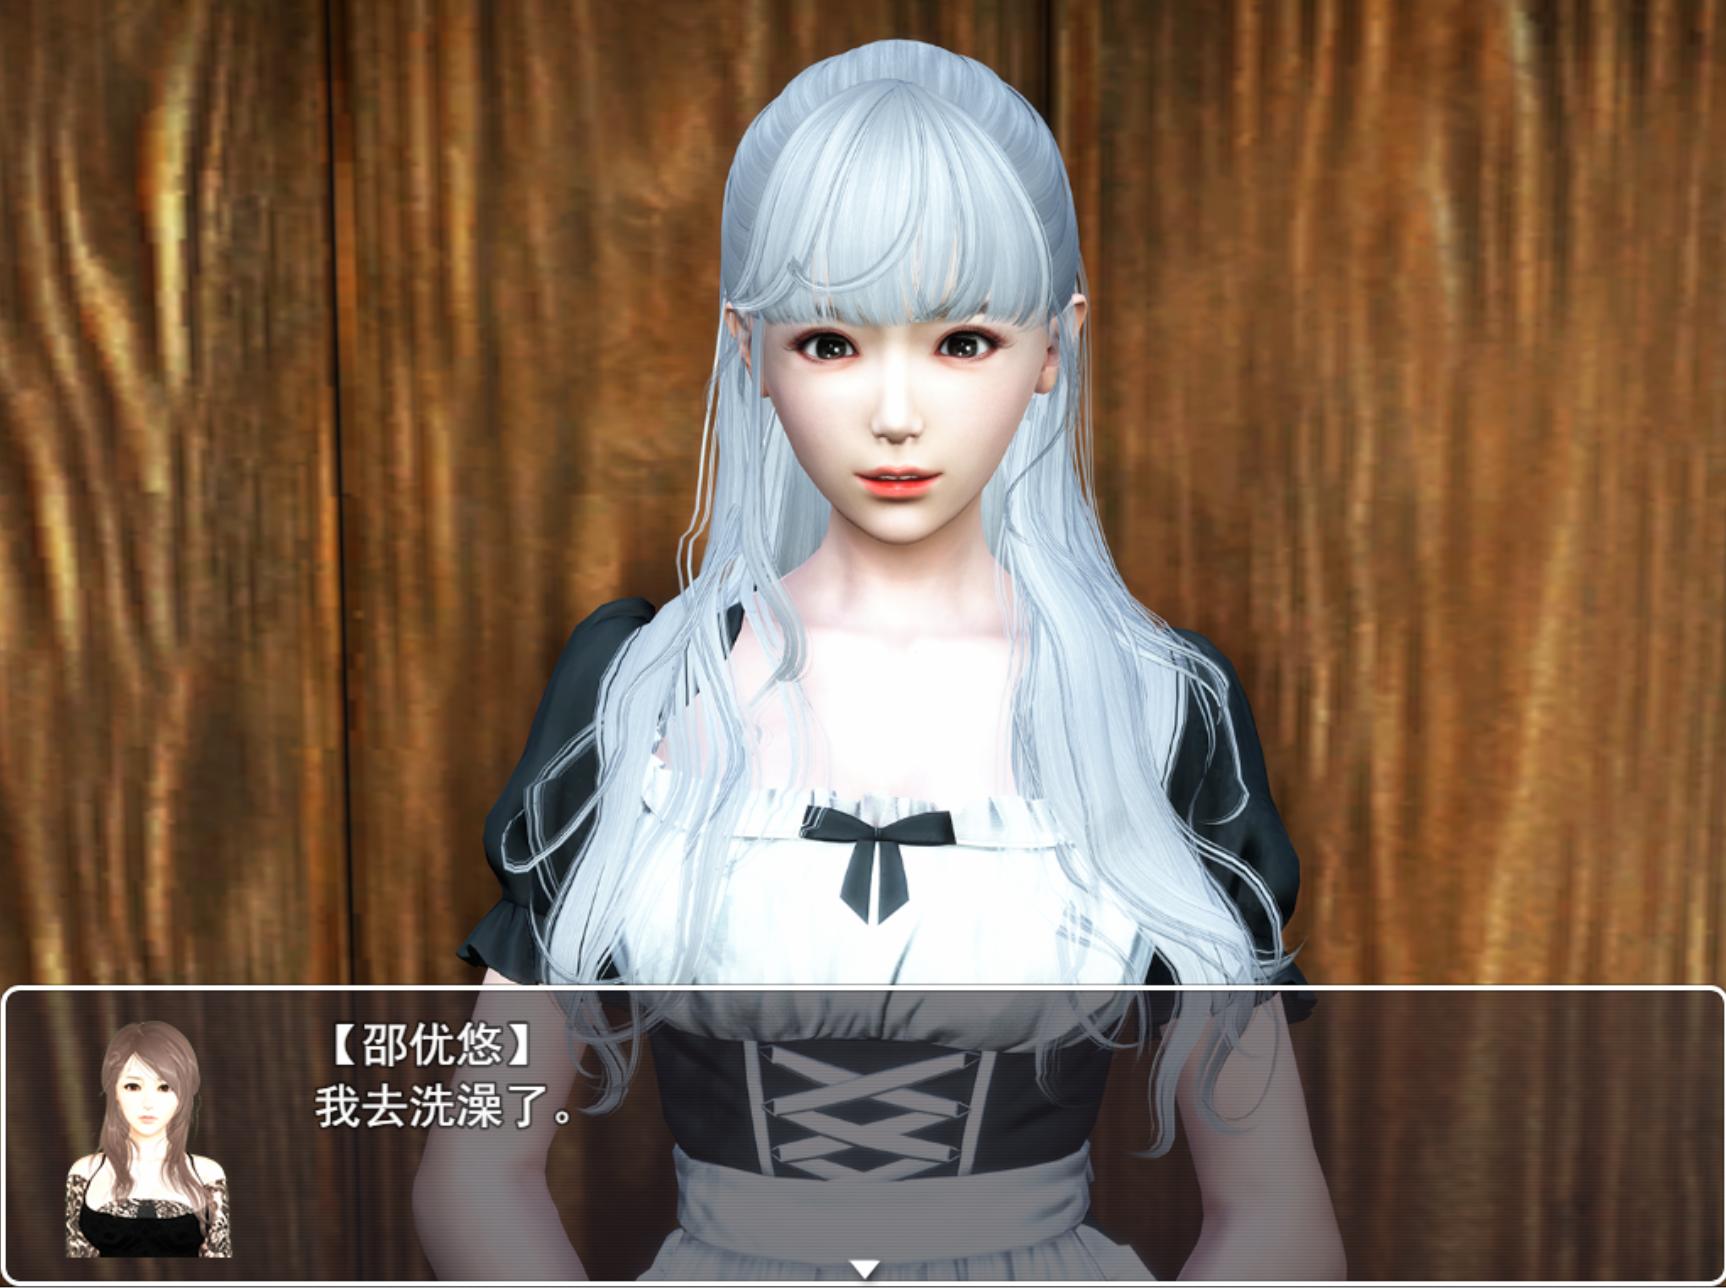 【国产RPG】选择 V0.7b【PC+安卓直装】【无心破解版】【7G+1.9G】【OD盘】 9